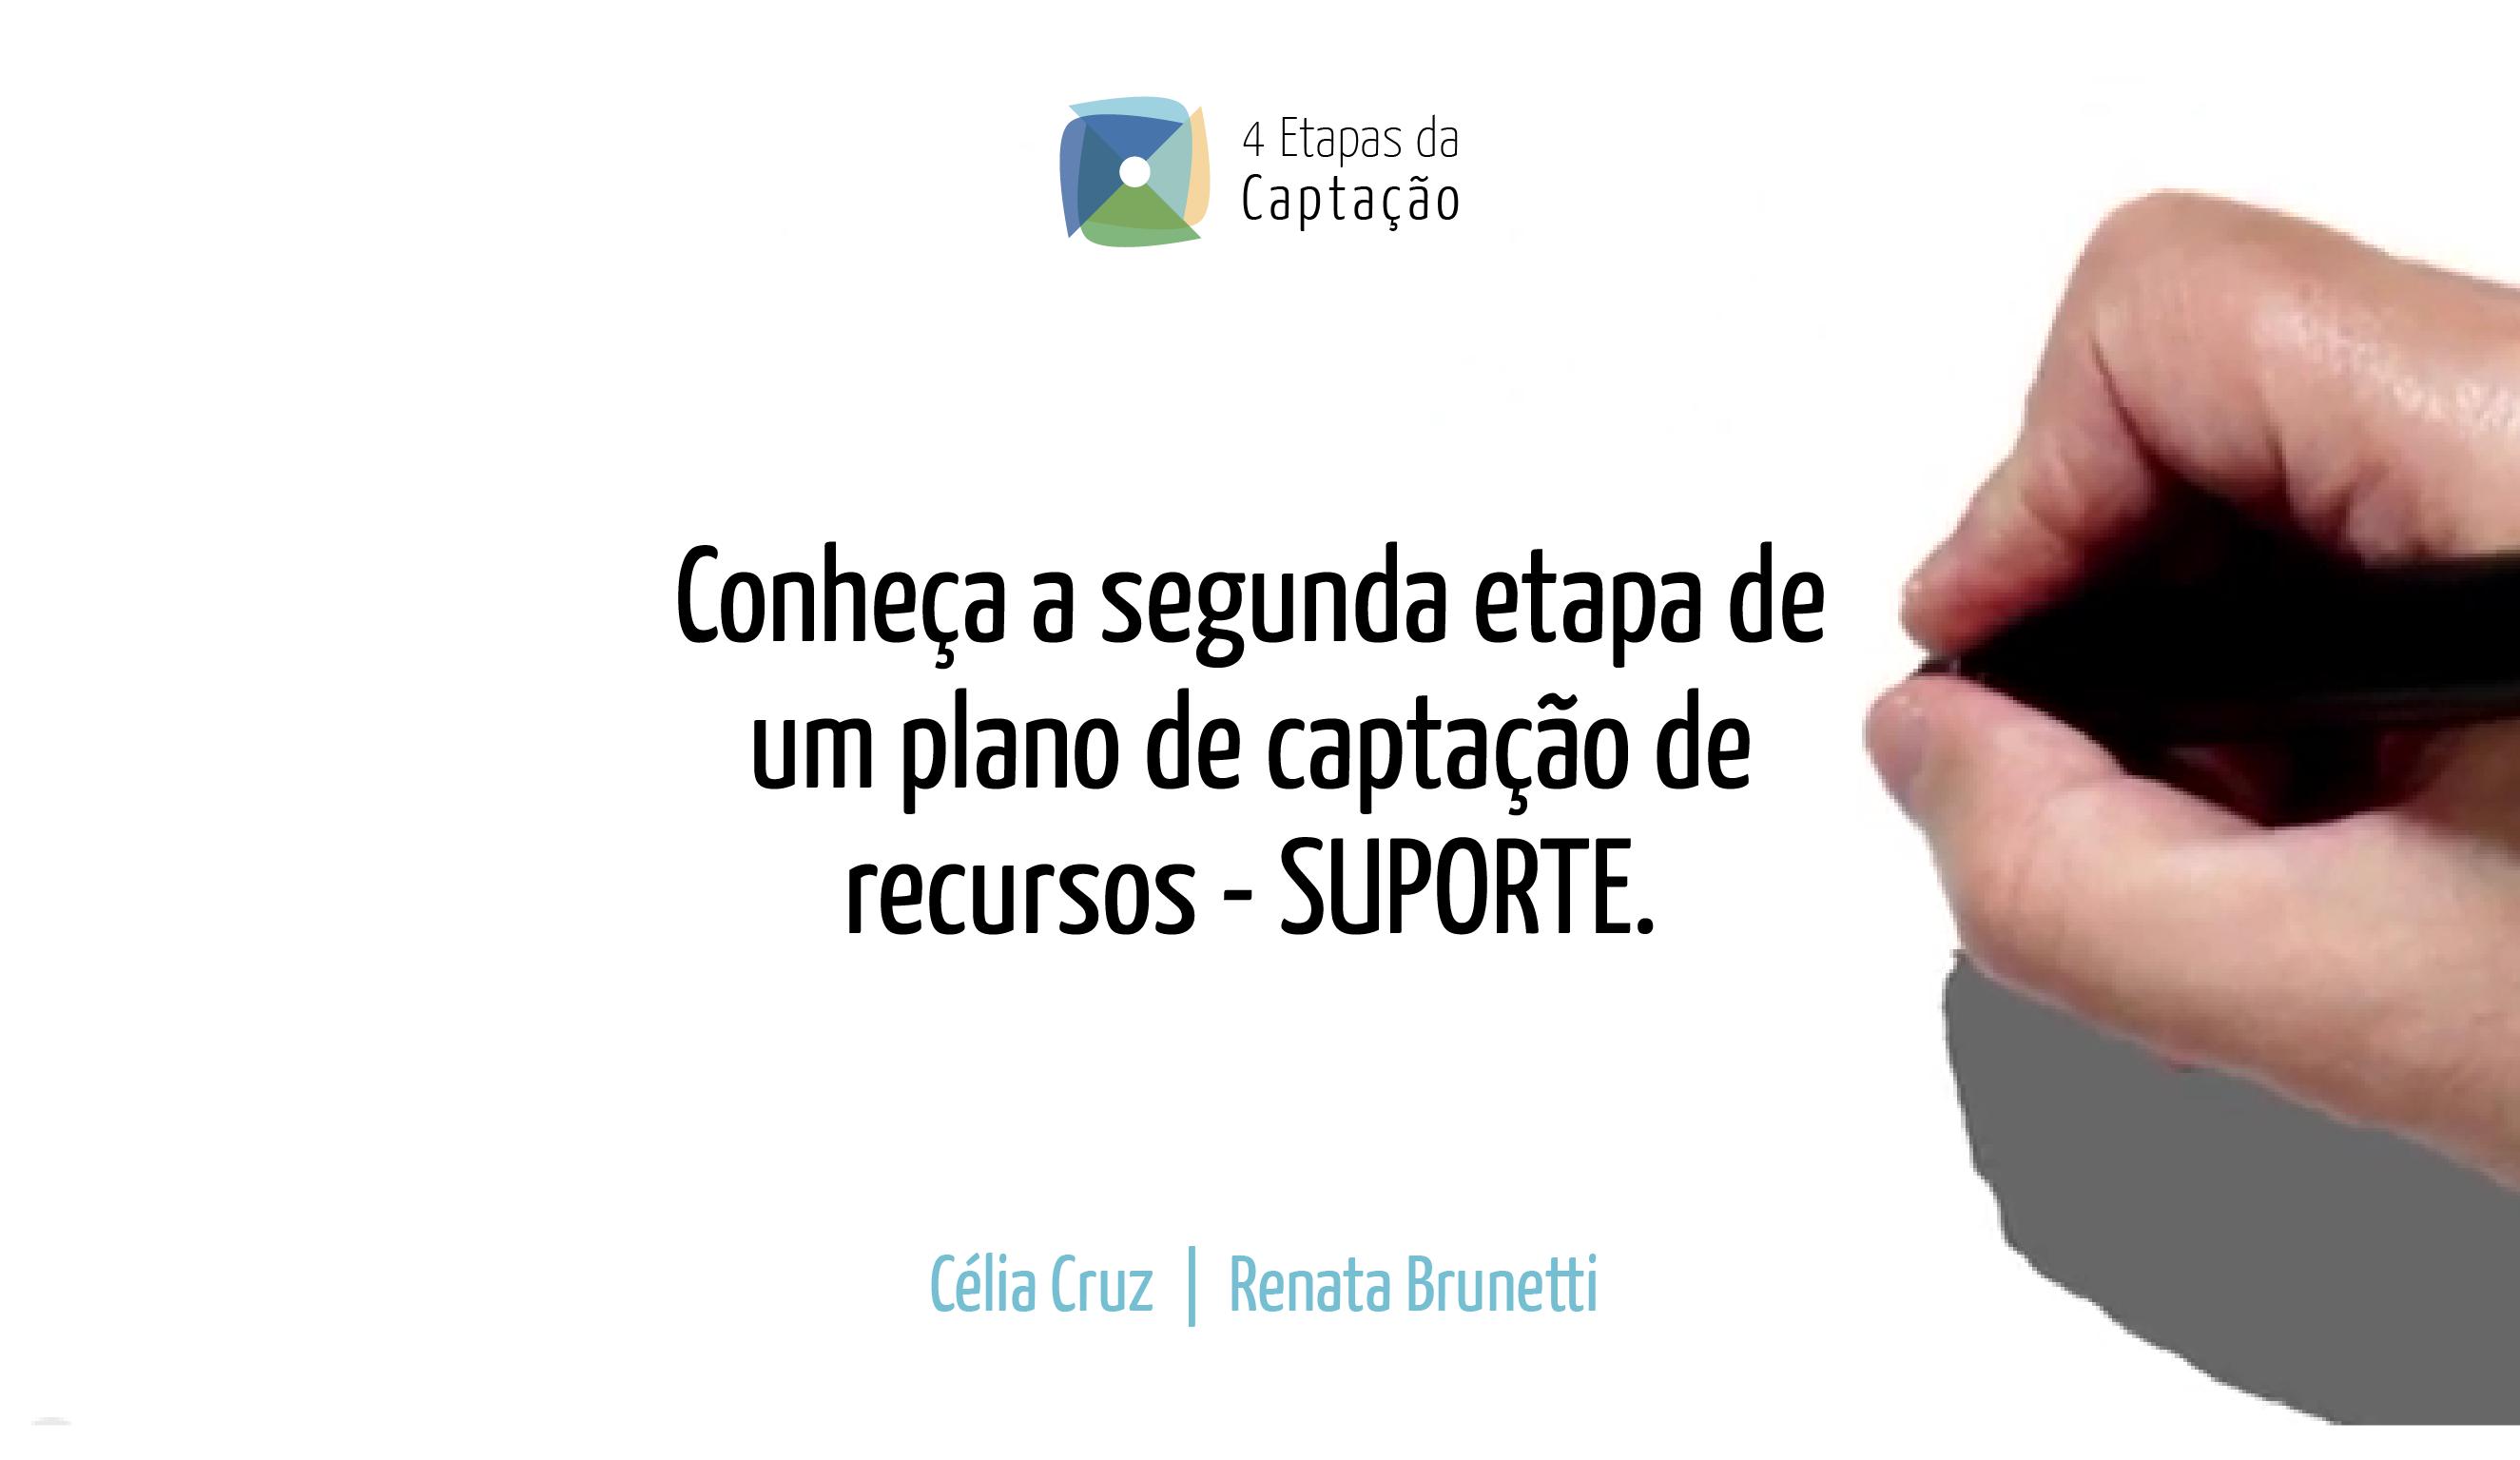 Conheca a segunda etapa de um plano de captacao de recursos - SUPORTE